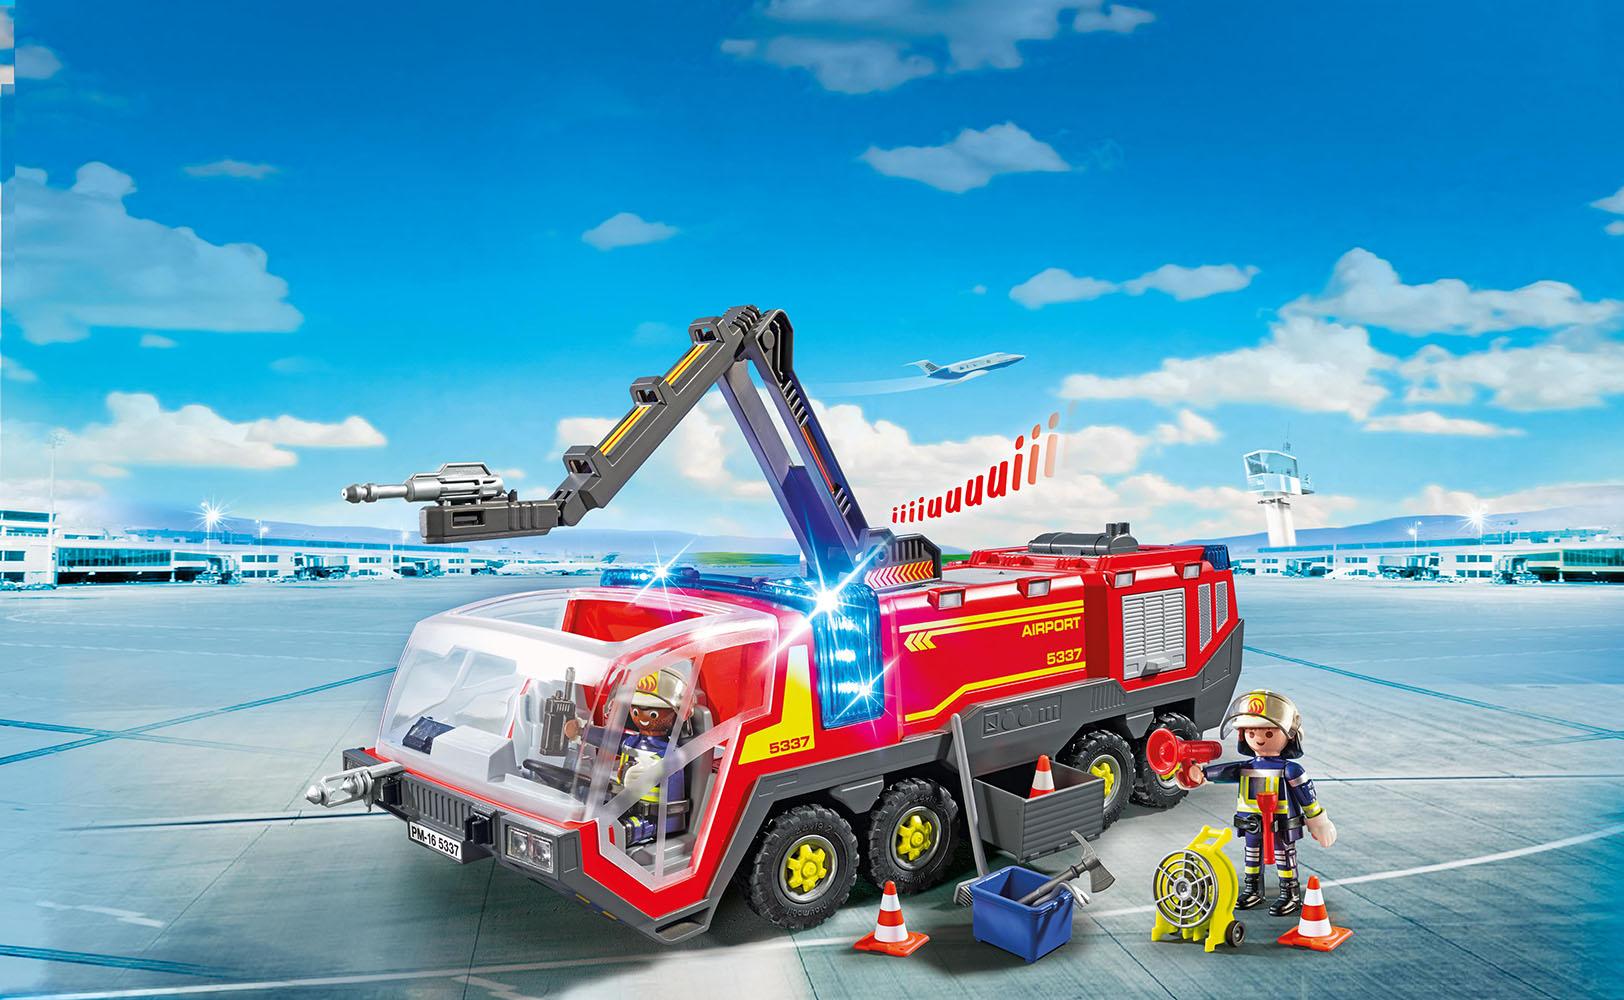 Camion de pompiers avec son et lumieres de l'aeroport